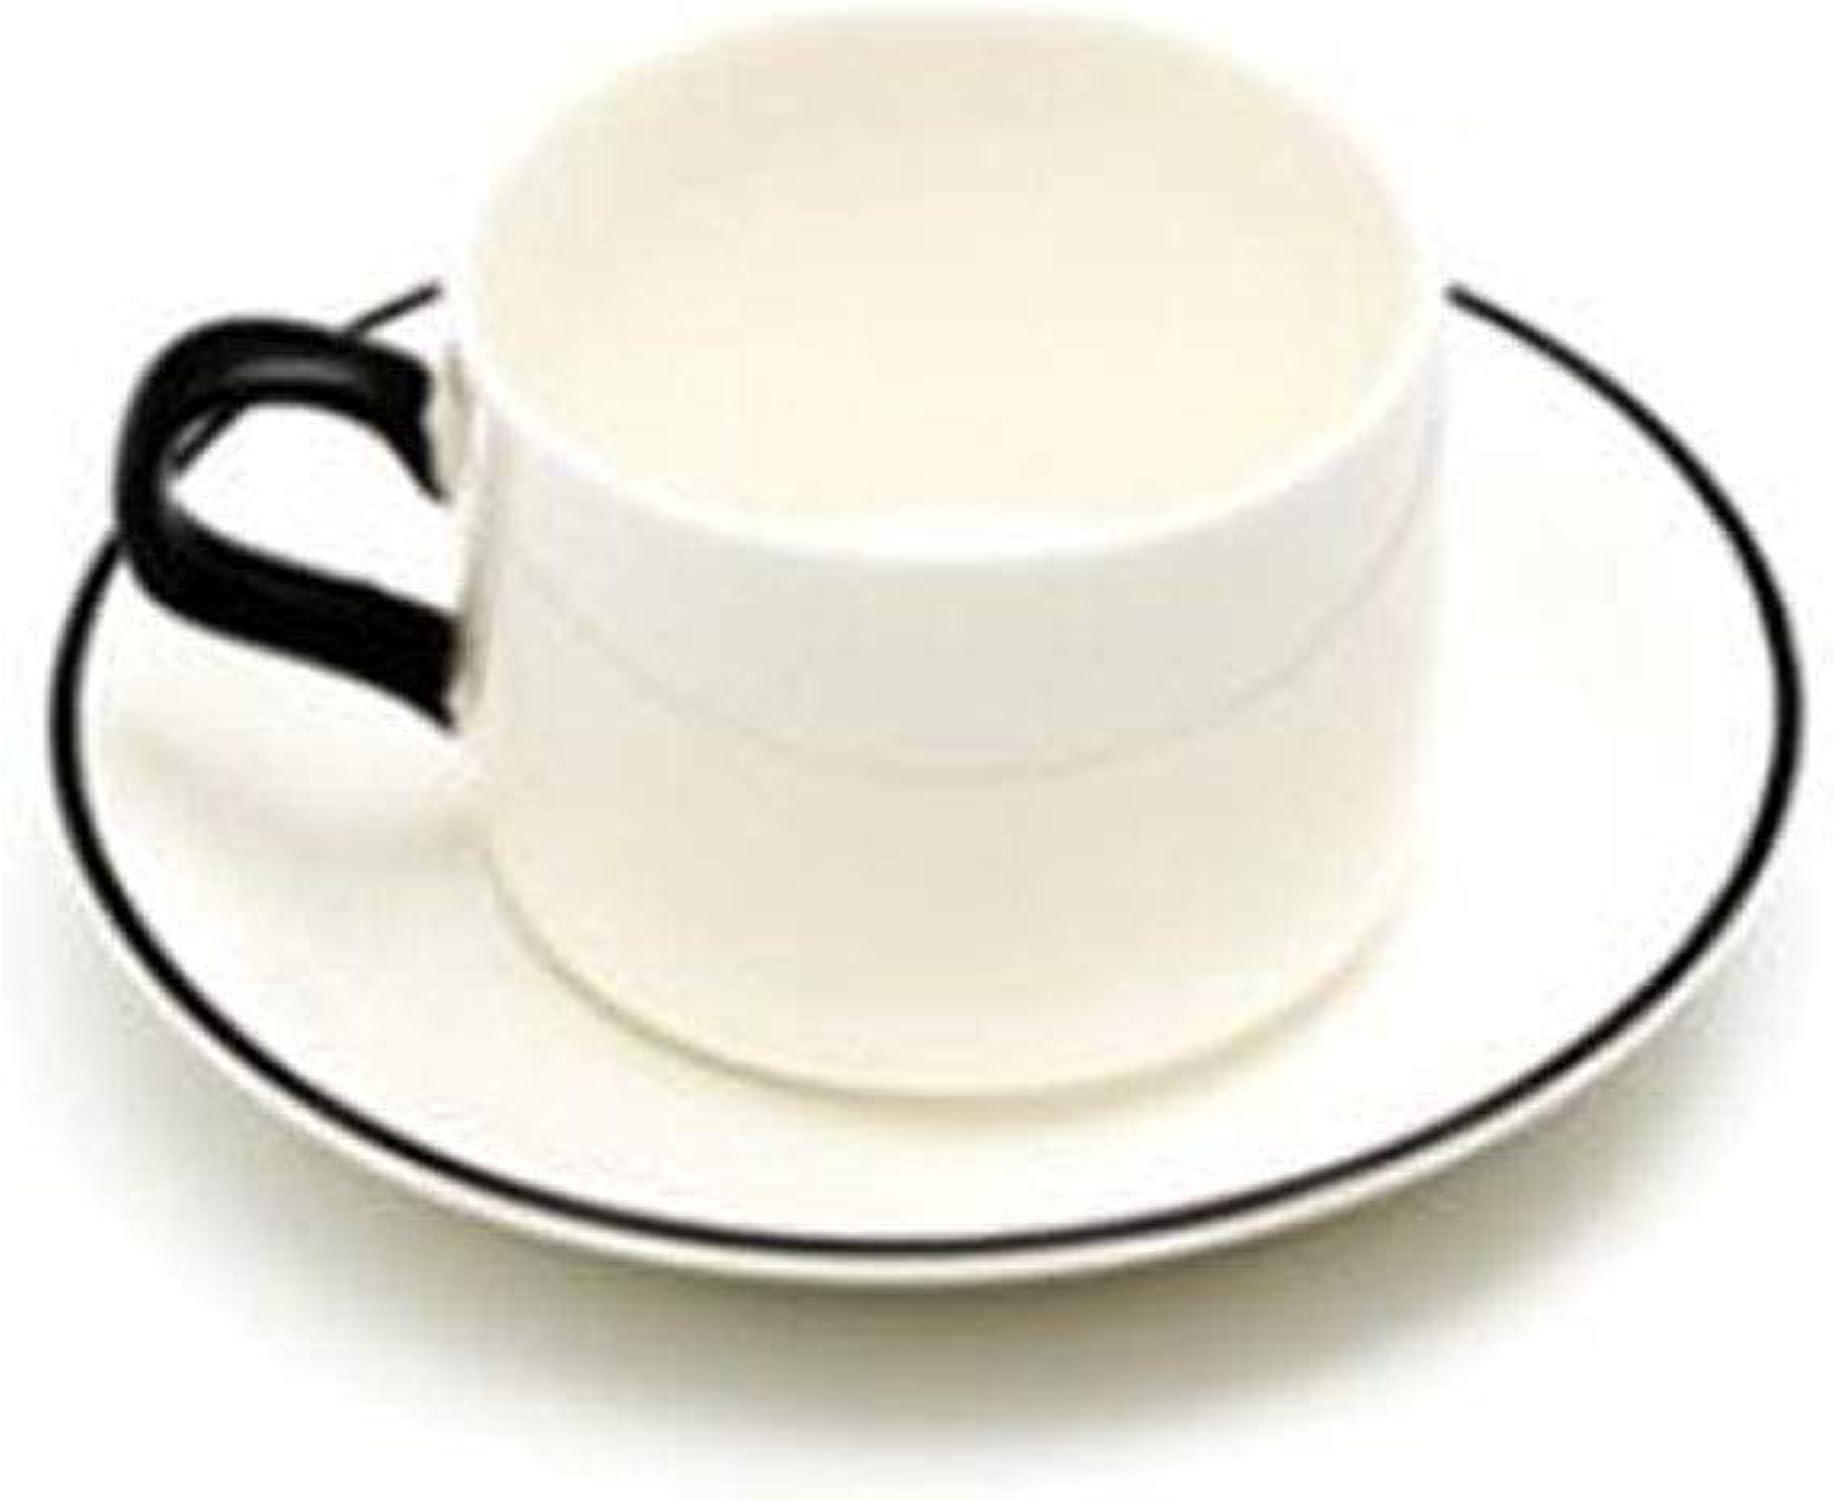 Haoyushangmao Tasses à café, ensembles de tasses à thé et soucoupes, Céramique simple, ensemble de tasses à café en porcelaine coréenne de style européen, ensembles de 4 tasses et 4 plats [avec suppor